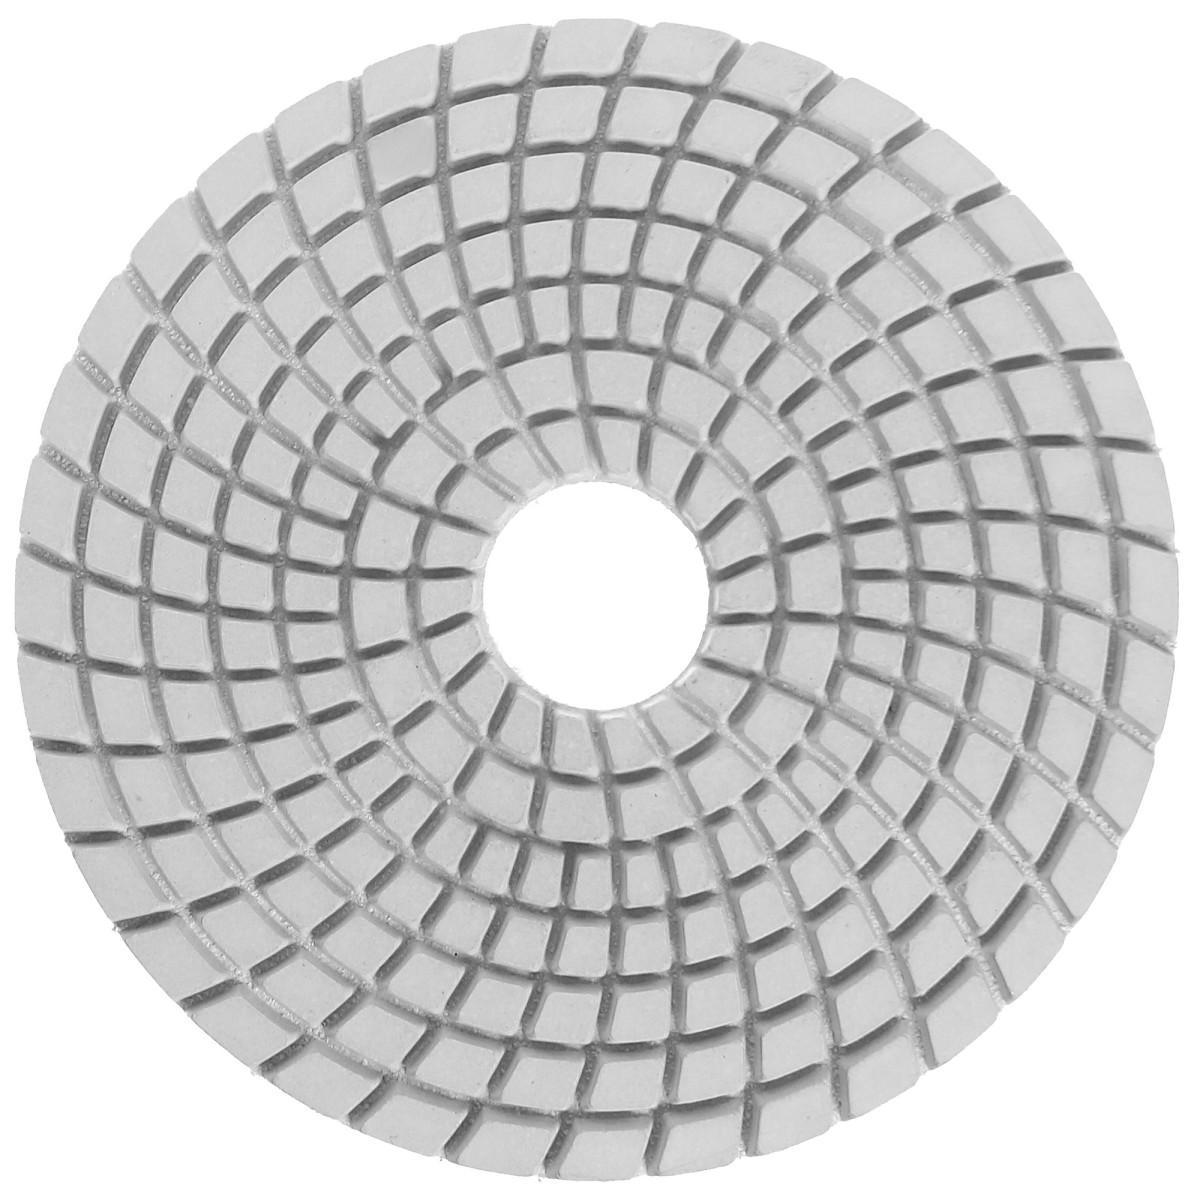 Шлифовальный круг алмазный гибкий Flexione 100 мм Р1500